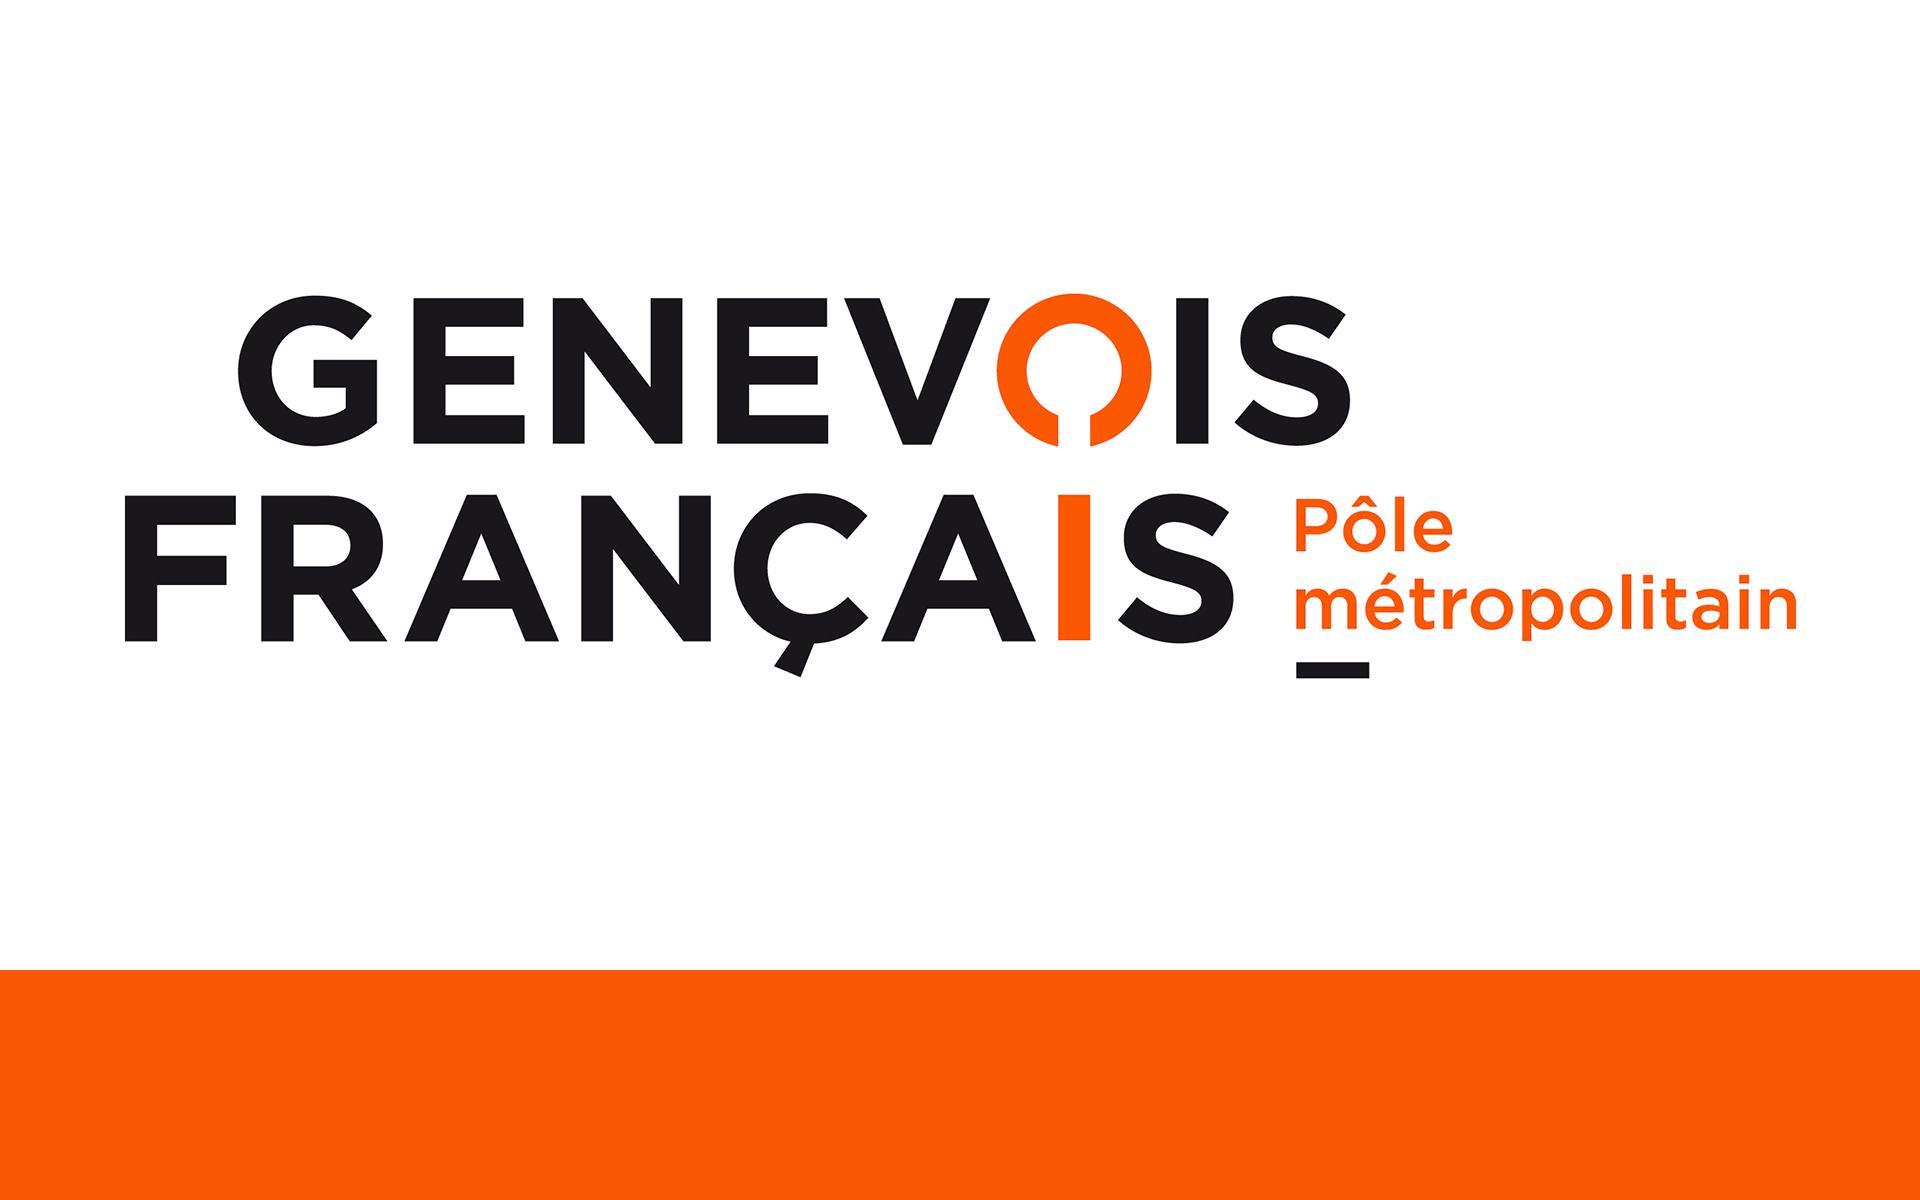 Pôle métropolitain Genevois Français